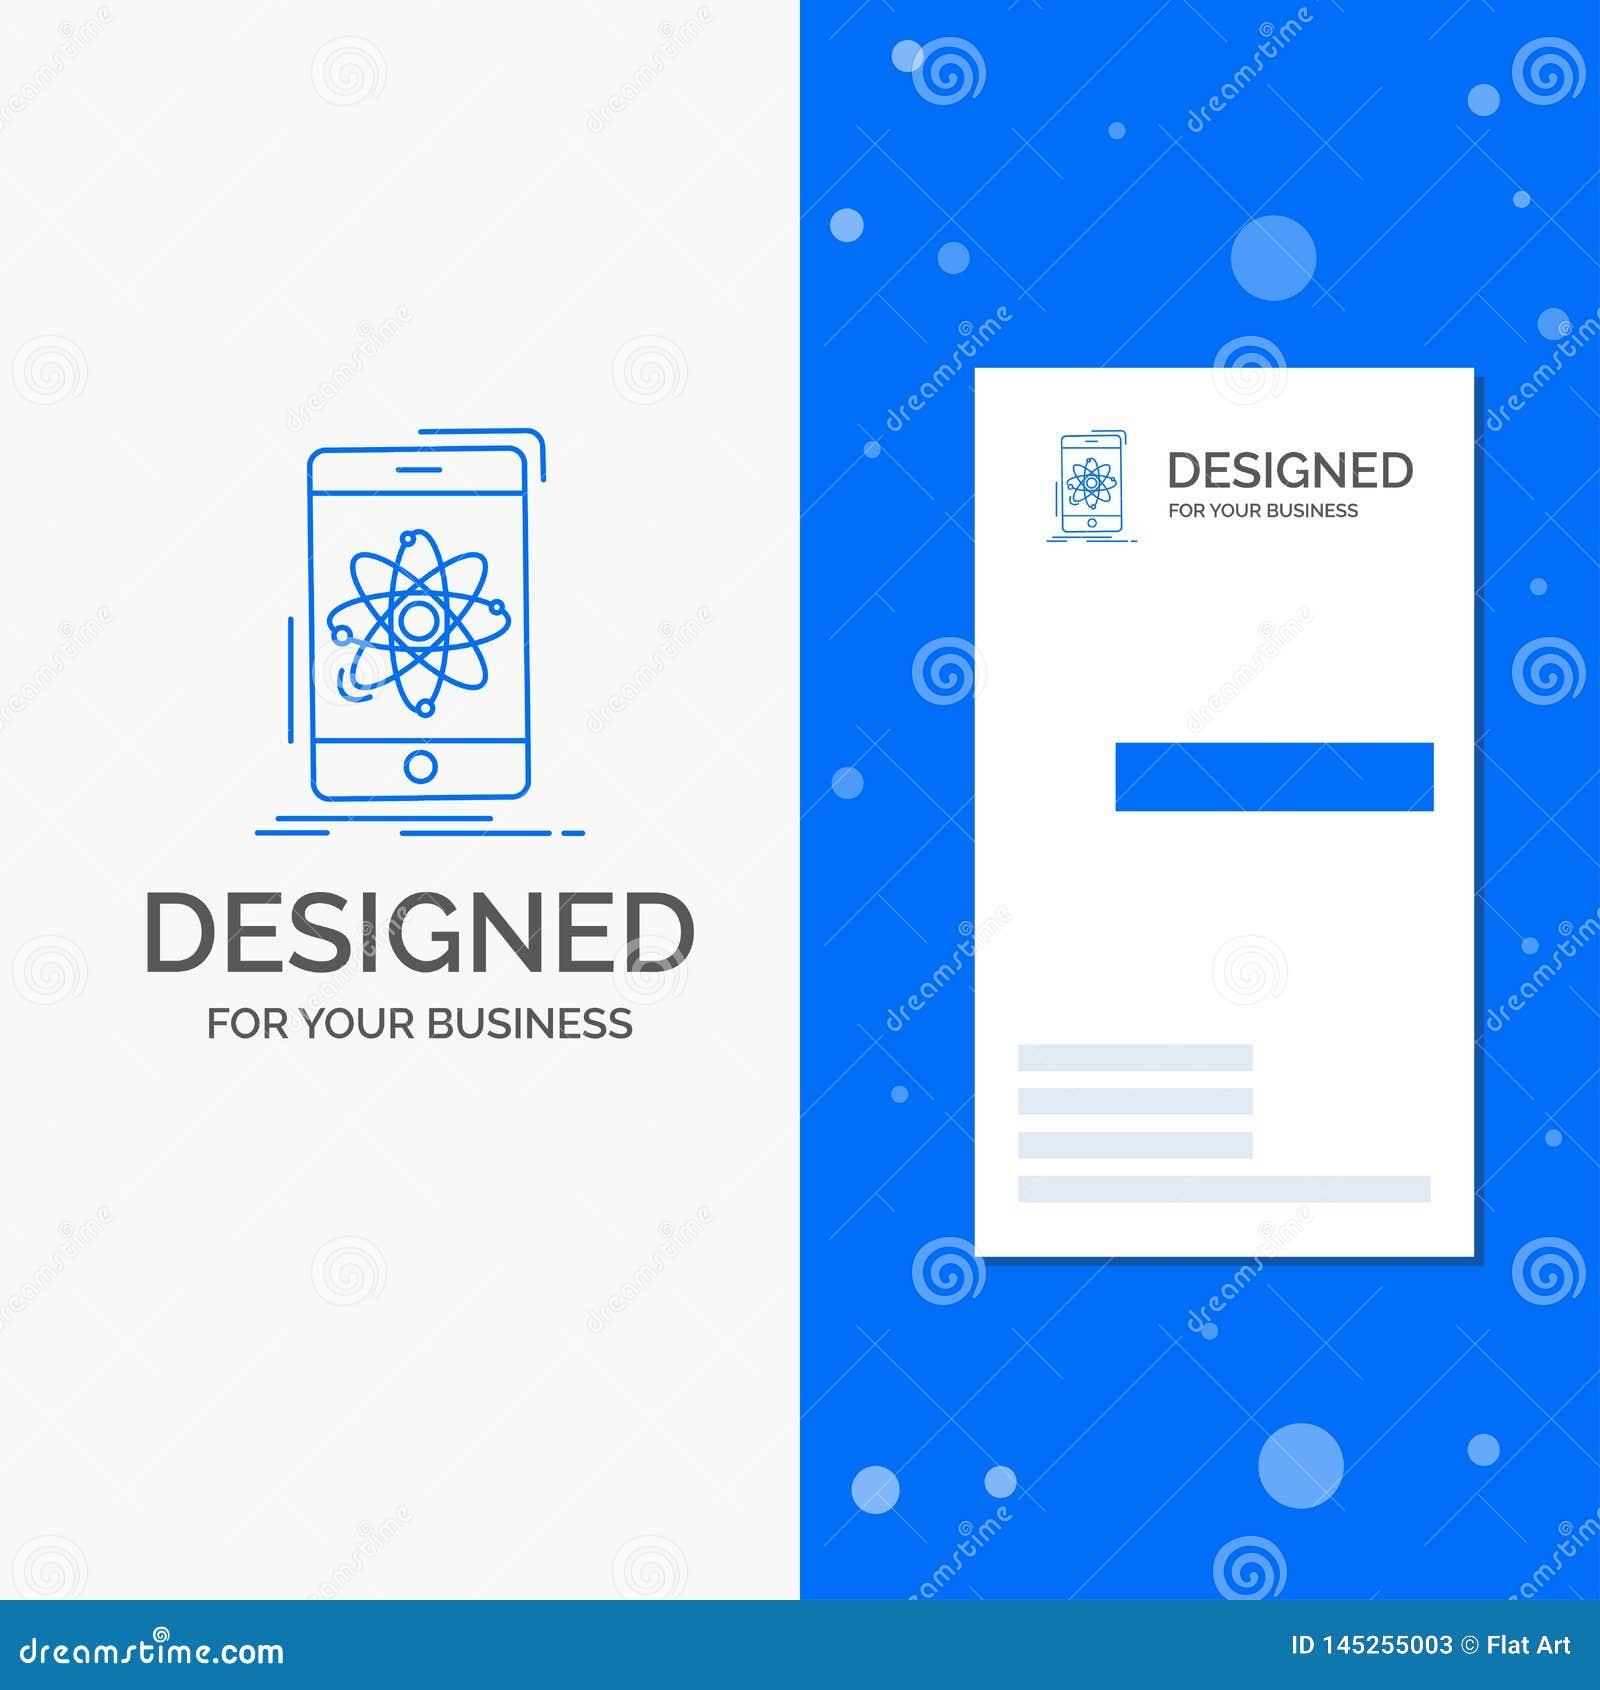 Επιχειρησιακό λογότυπο για τα στοιχεία, πληροφορίες, κινητές, έρευνα, επιστήμη Κάθετο μπλε πρότυπο καρτών επιχειρήσεων/επίσκεψης